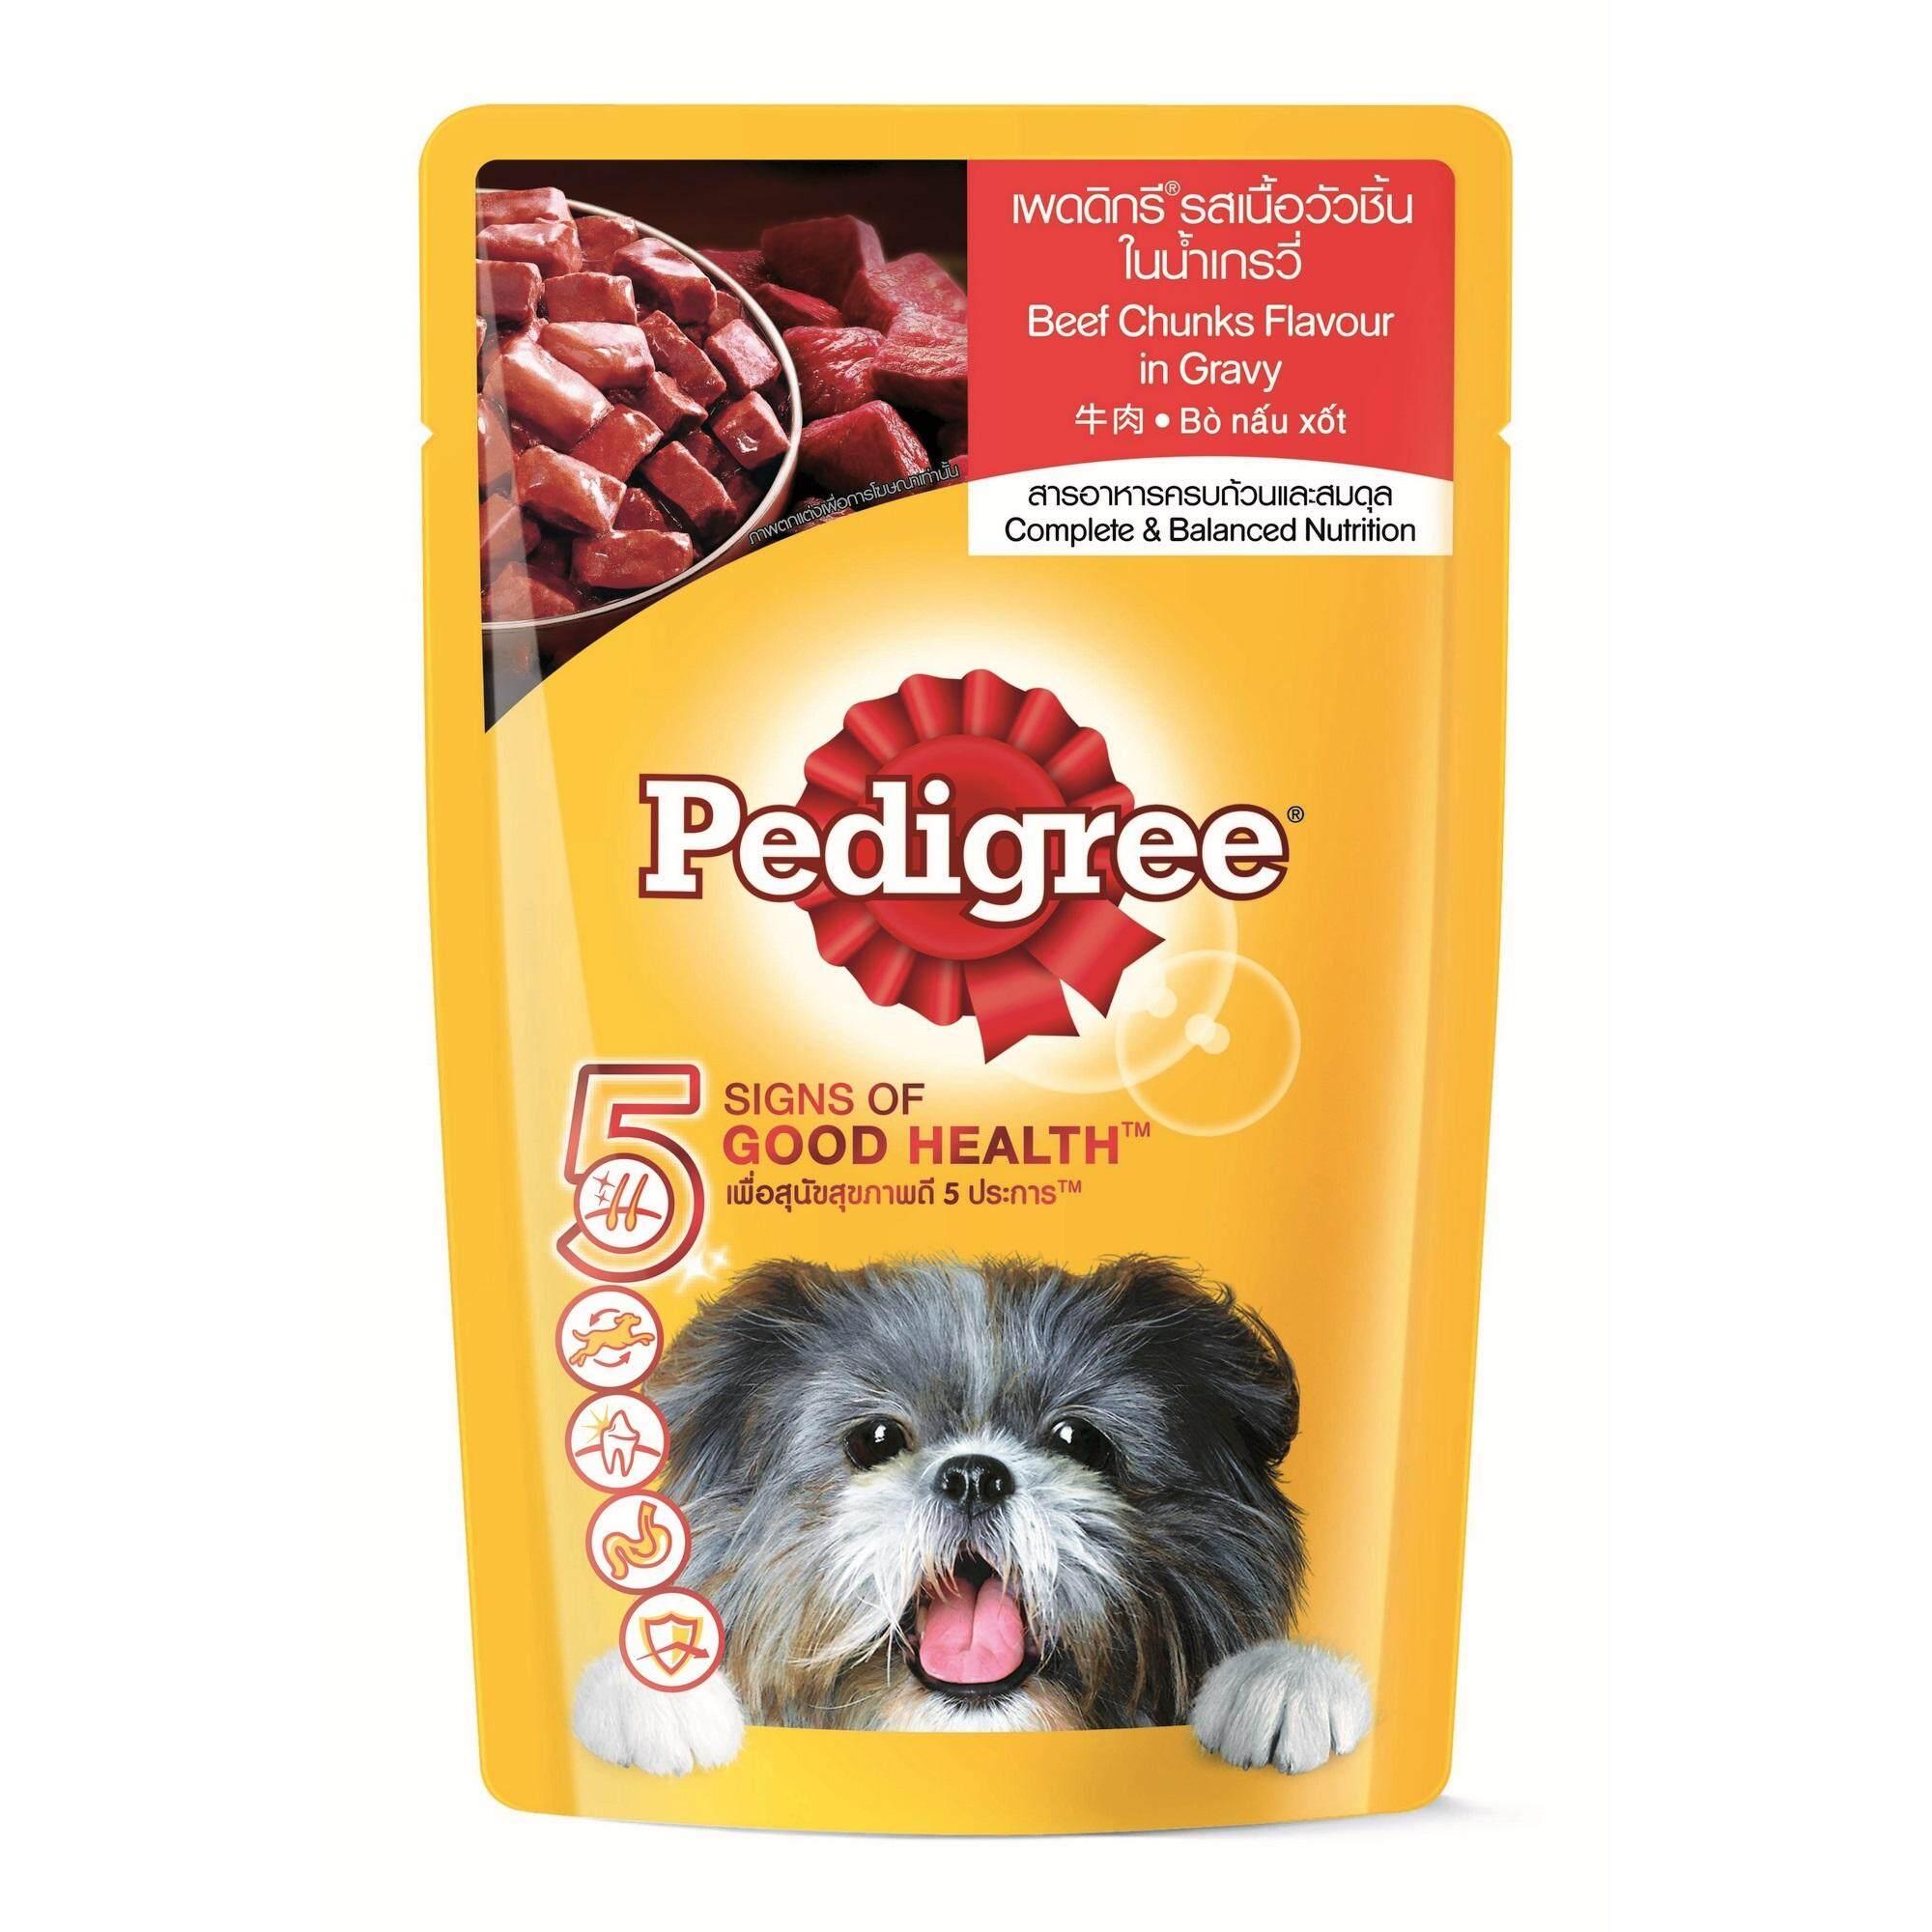 เพดดิกรี®อาหารสุนัขชนิดเปียก แบบเพาช์ รสเนื้อชิ้นในน้ำเกรวี่ 130กรัม 1 ซอง.